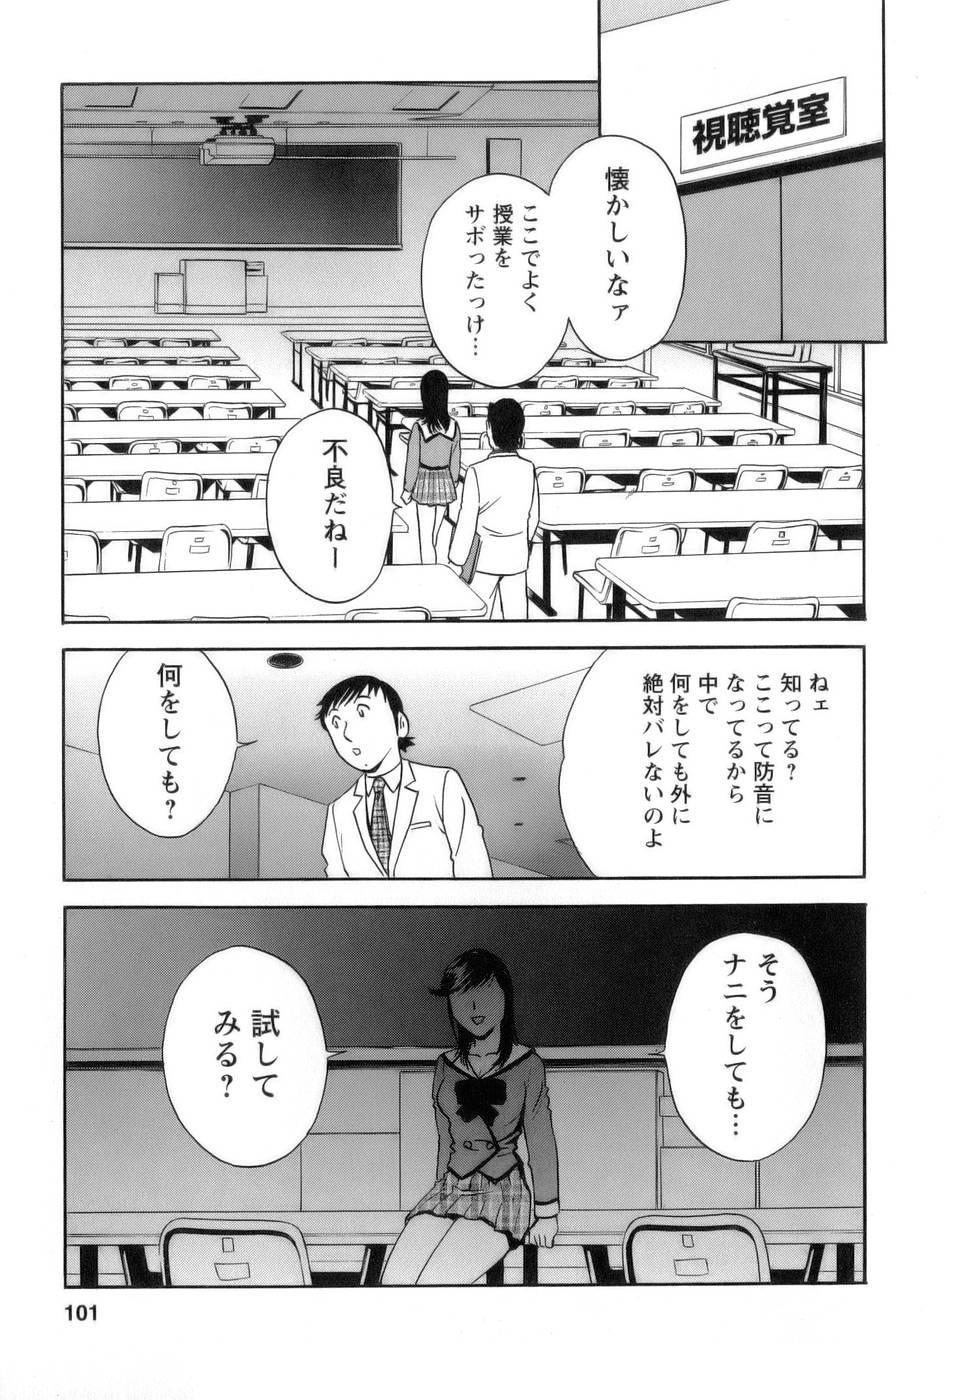 [Hidemaru] Mo-Retsu! Boin Sensei (Boing Boing Teacher) Vol.1 100